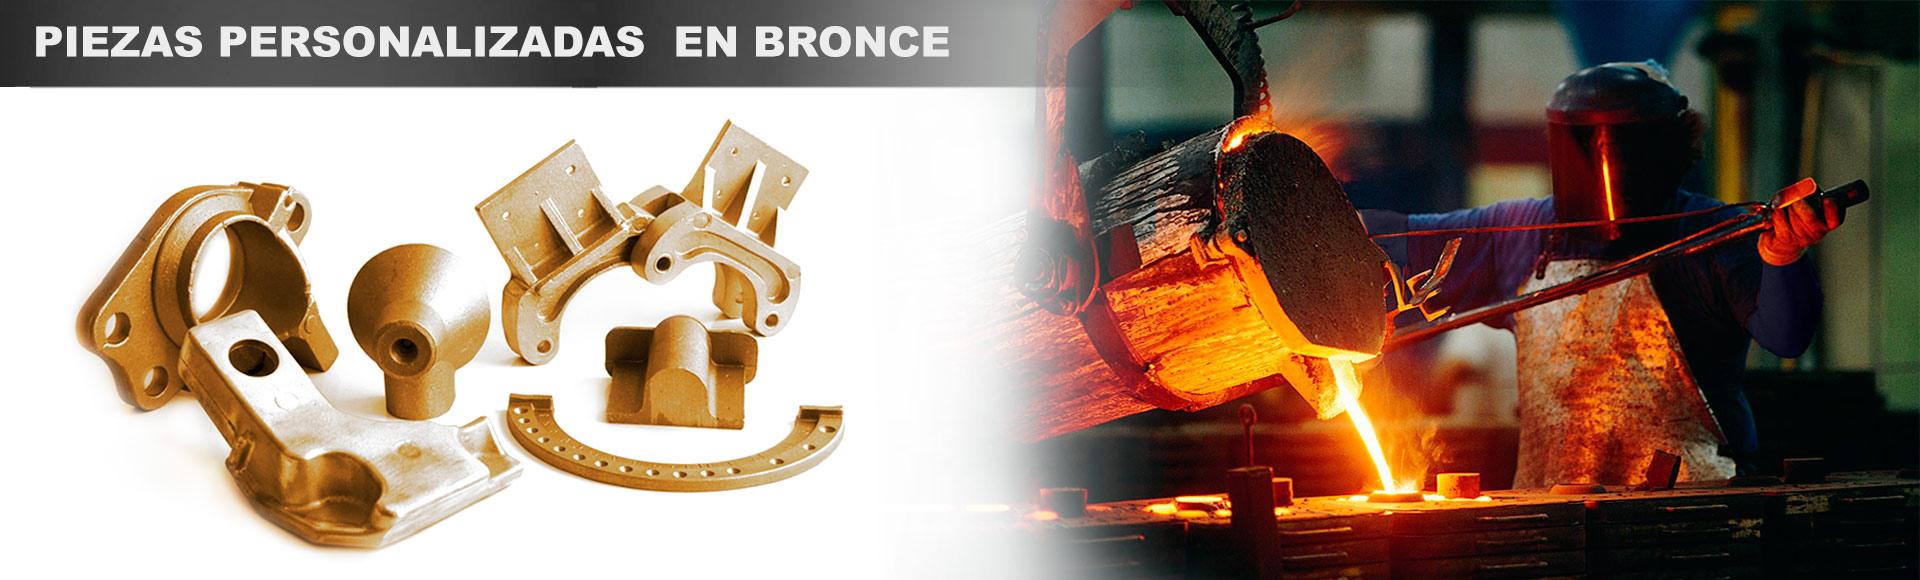 bronce-personalizadas